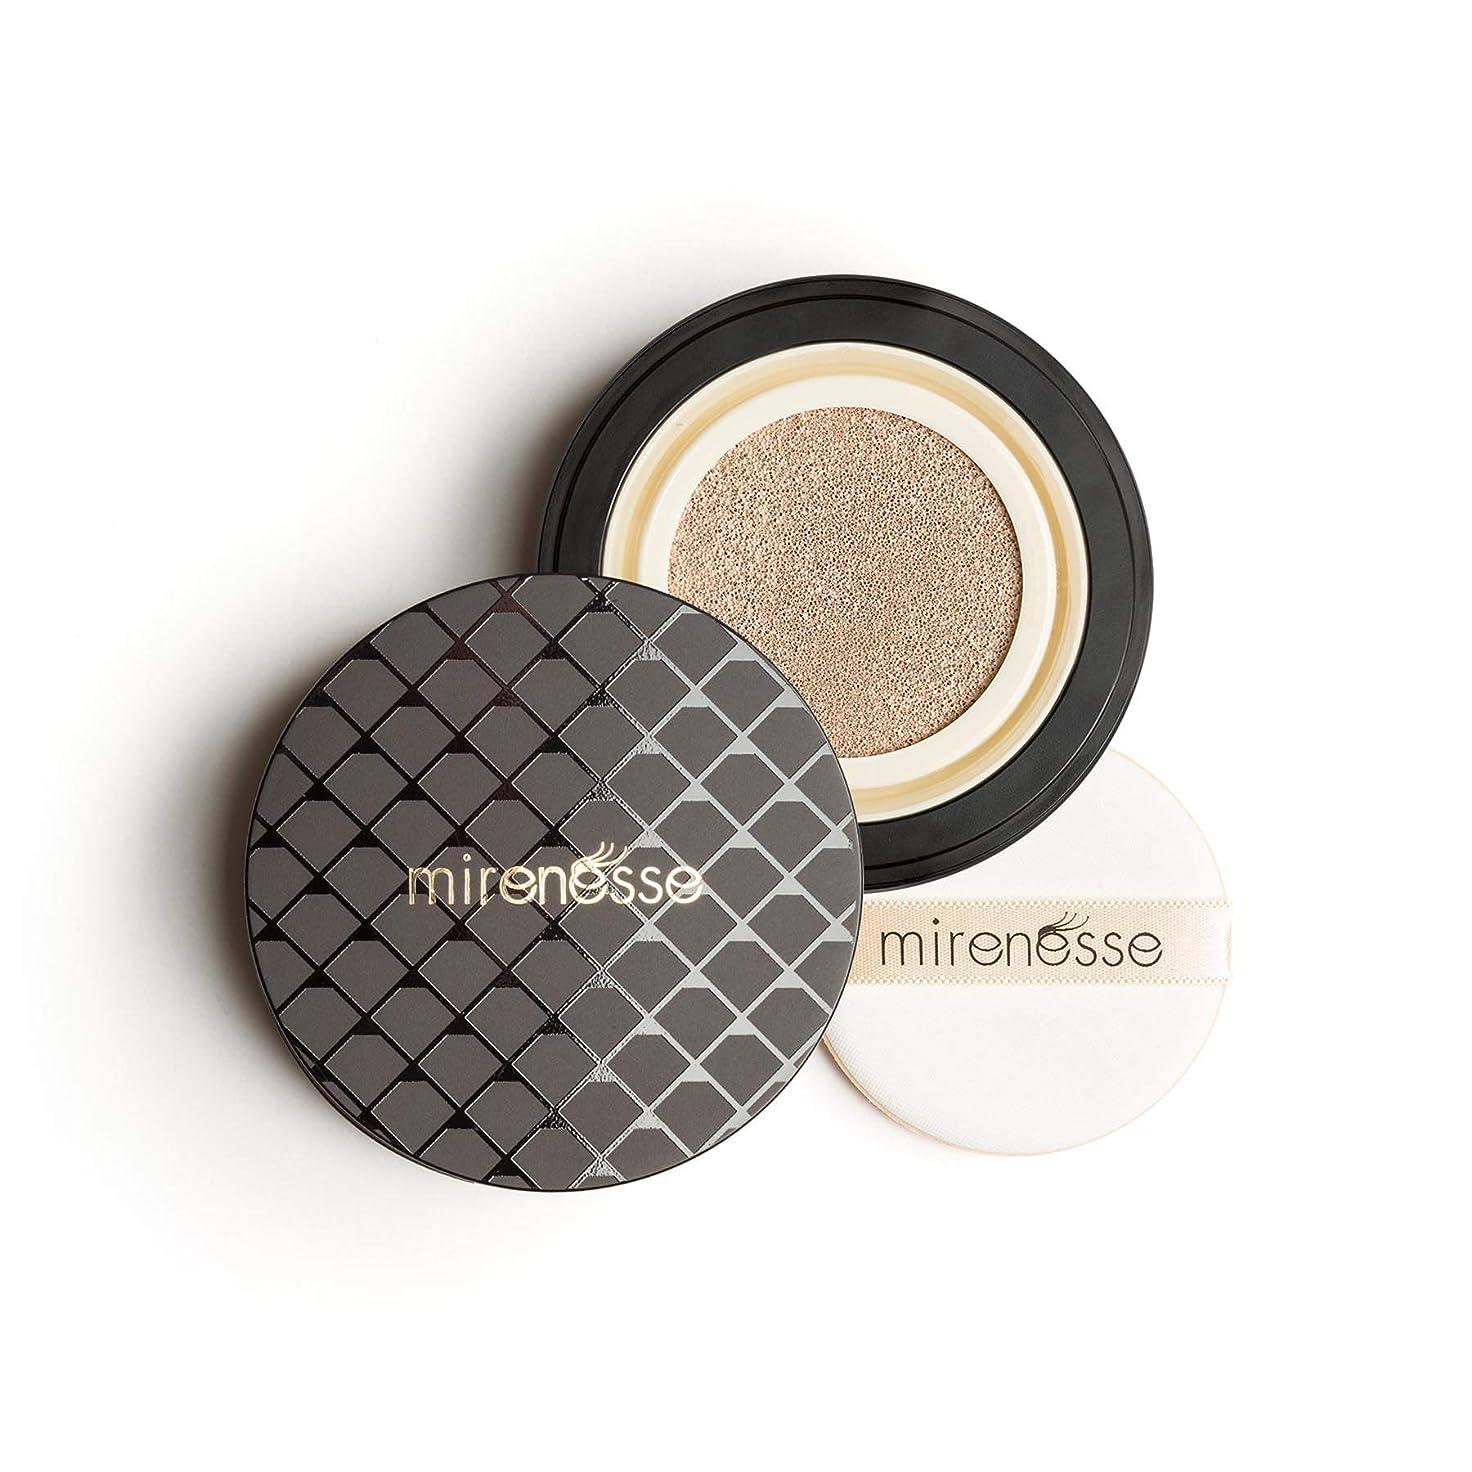 遺伝的ステレオタイプ段階Mirenesse Cosmetics 10 Collagen Cushion Foundation Compact Airbrush Liquid Powder SPF25 PA++ 15g/0.52oz - AUTHENTIC (13 Vanilla)